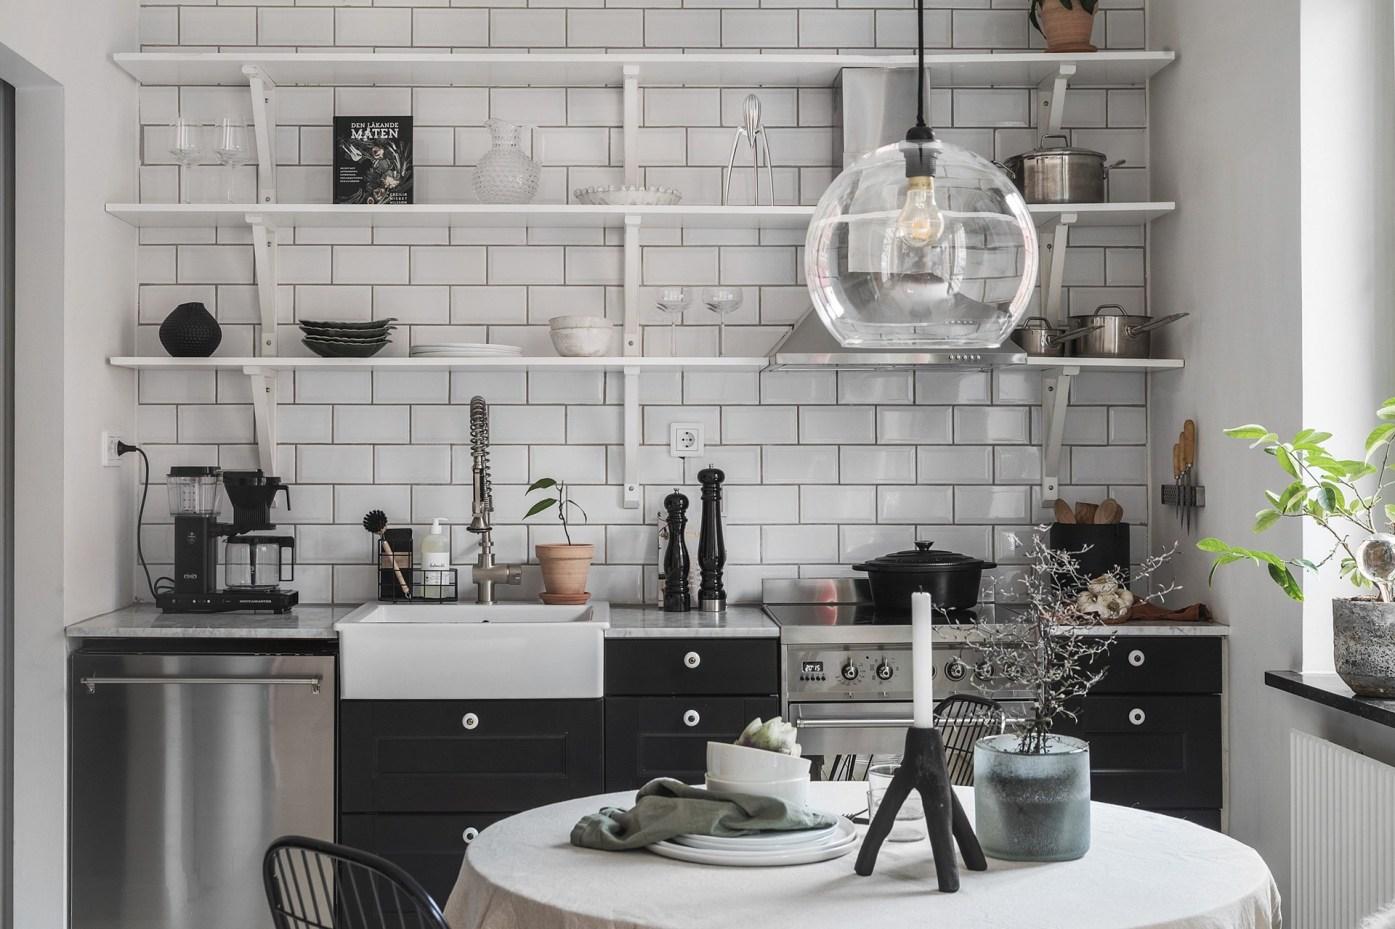 квартира 40 квм кухонная мебель стол